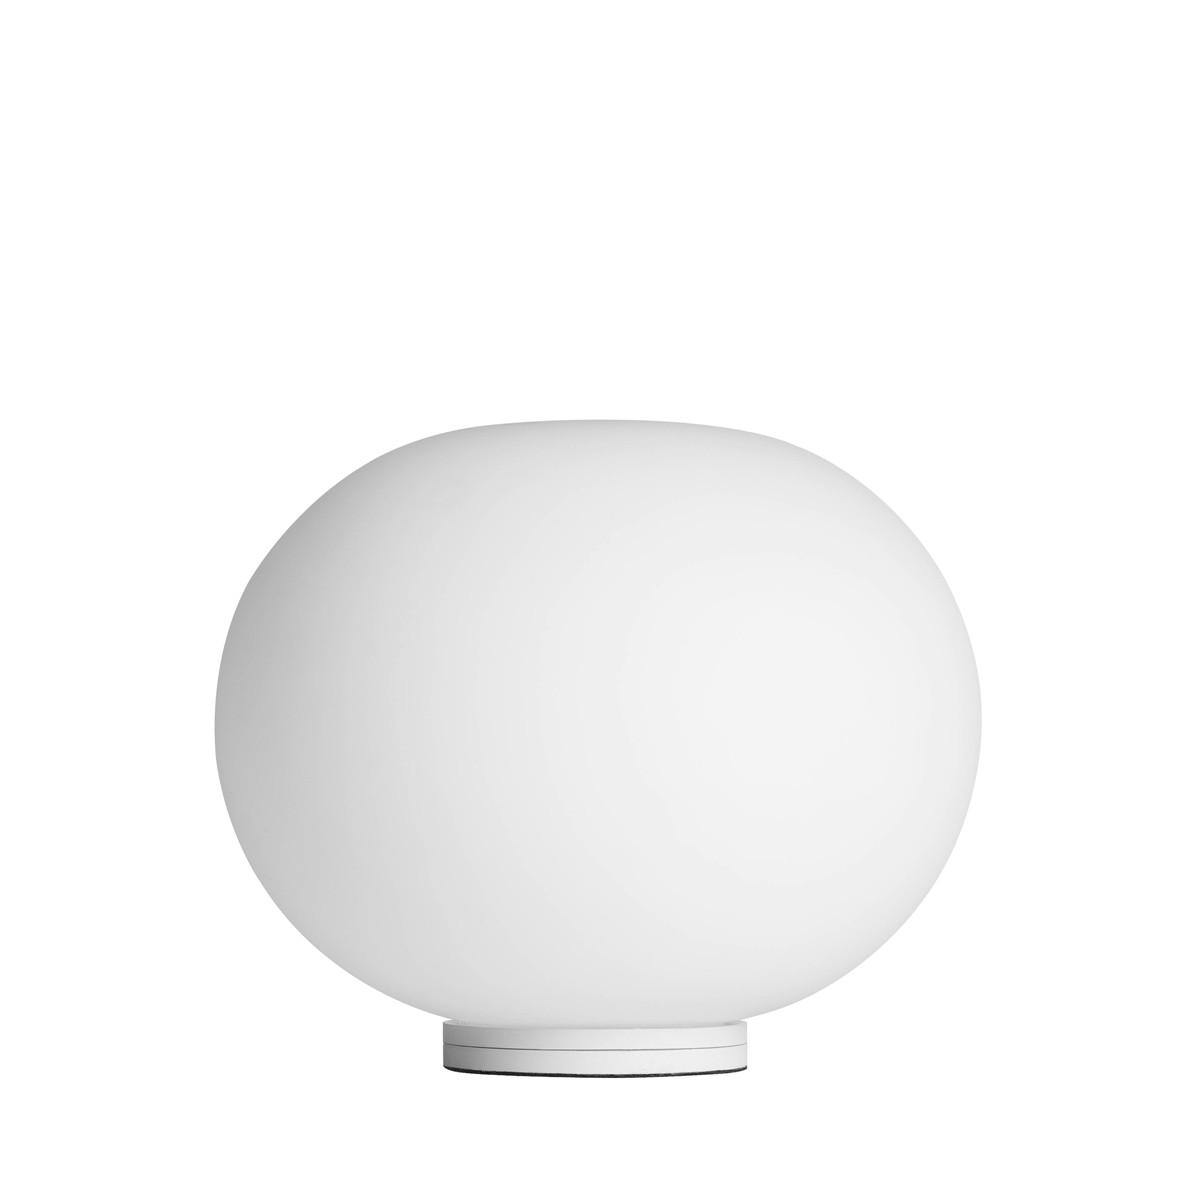 Flos Glo-Ball Basic Tischleuchte, Ø: 19 cm, mit Dimmer